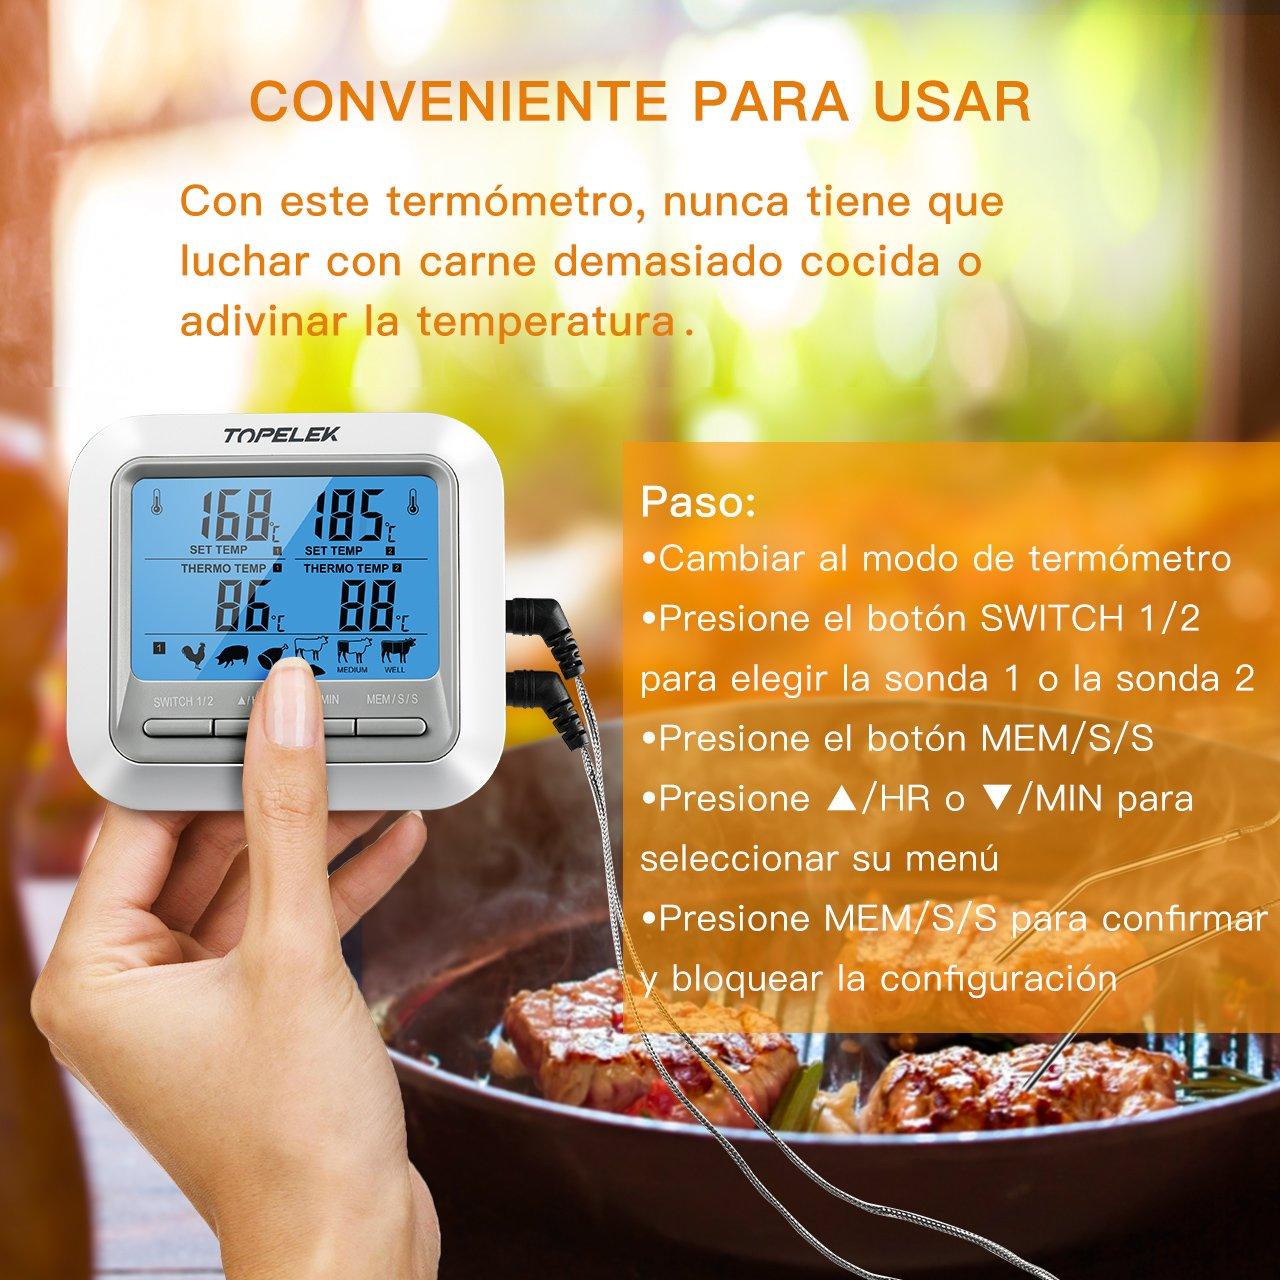 TOPELEK Termómetro Digital de Cocina, Termómetro Horno con Sonda Larga para Alimentación, Carne, Parrilla, Barbacoa, Leche, Caramelo y Baño de Agua, ...